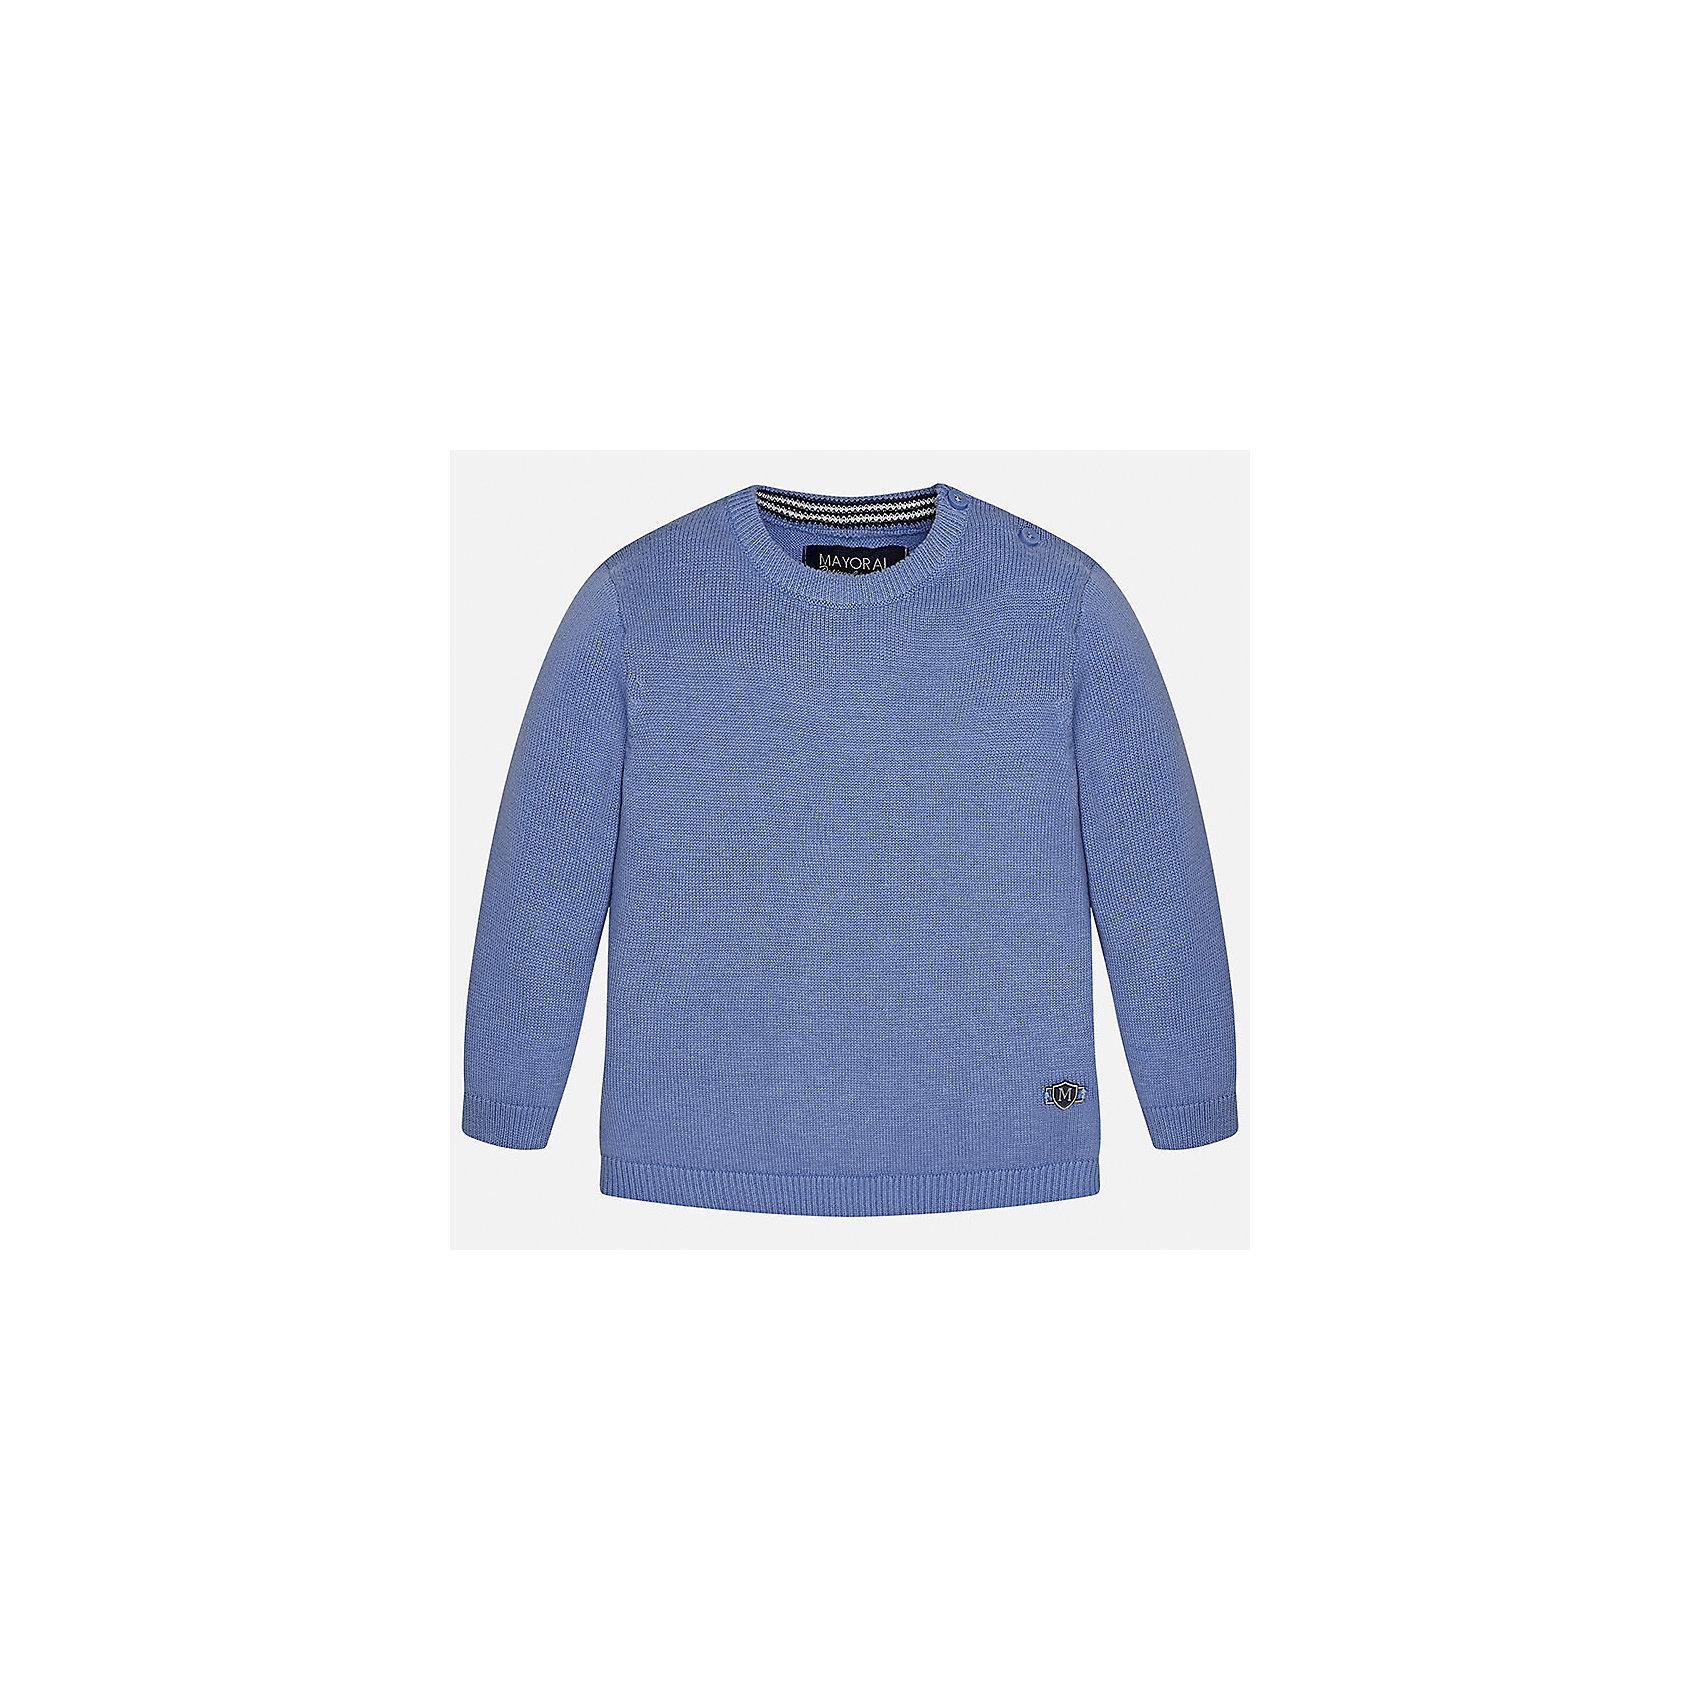 Свитер для мальчика MayoralСвитера и кардиганы<br>Характеристики товара:<br><br>• цвет: синий<br>• состав: 100% хлопок<br>• рукава длинные <br>• пуговицы на плече<br>• округлая горловина<br>• манжеты<br>• страна бренда: Испания<br><br>Удобный и красивый свитер для мальчика поможет разнообразить гардероб ребенка и обеспечить тепло. Он отлично сочетается и с джинсами, и с брюками. Универсальный цвет позволяет подобрать к вещи низ различных расцветок. Интересная отделка модели делает её нарядной и оригинальной. В составе материала - только натуральный хлопок, гипоаллергенный, приятный на ощупь, дышащий.<br><br>Одежда, обувь и аксессуары от испанского бренда Mayoral полюбились детям и взрослым по всему миру. Модели этой марки - стильные и удобные. Для их производства используются только безопасные, качественные материалы и фурнитура. Порадуйте ребенка модными и красивыми вещами от Mayoral! <br><br>Свитер для мальчика от испанского бренда Mayoral (Майорал) можно купить в нашем интернет-магазине.<br><br>Ширина мм: 190<br>Глубина мм: 74<br>Высота мм: 229<br>Вес г: 236<br>Цвет: белый<br>Возраст от месяцев: 18<br>Возраст до месяцев: 24<br>Пол: Мужской<br>Возраст: Детский<br>Размер: 92,74,80,86<br>SKU: 5277951